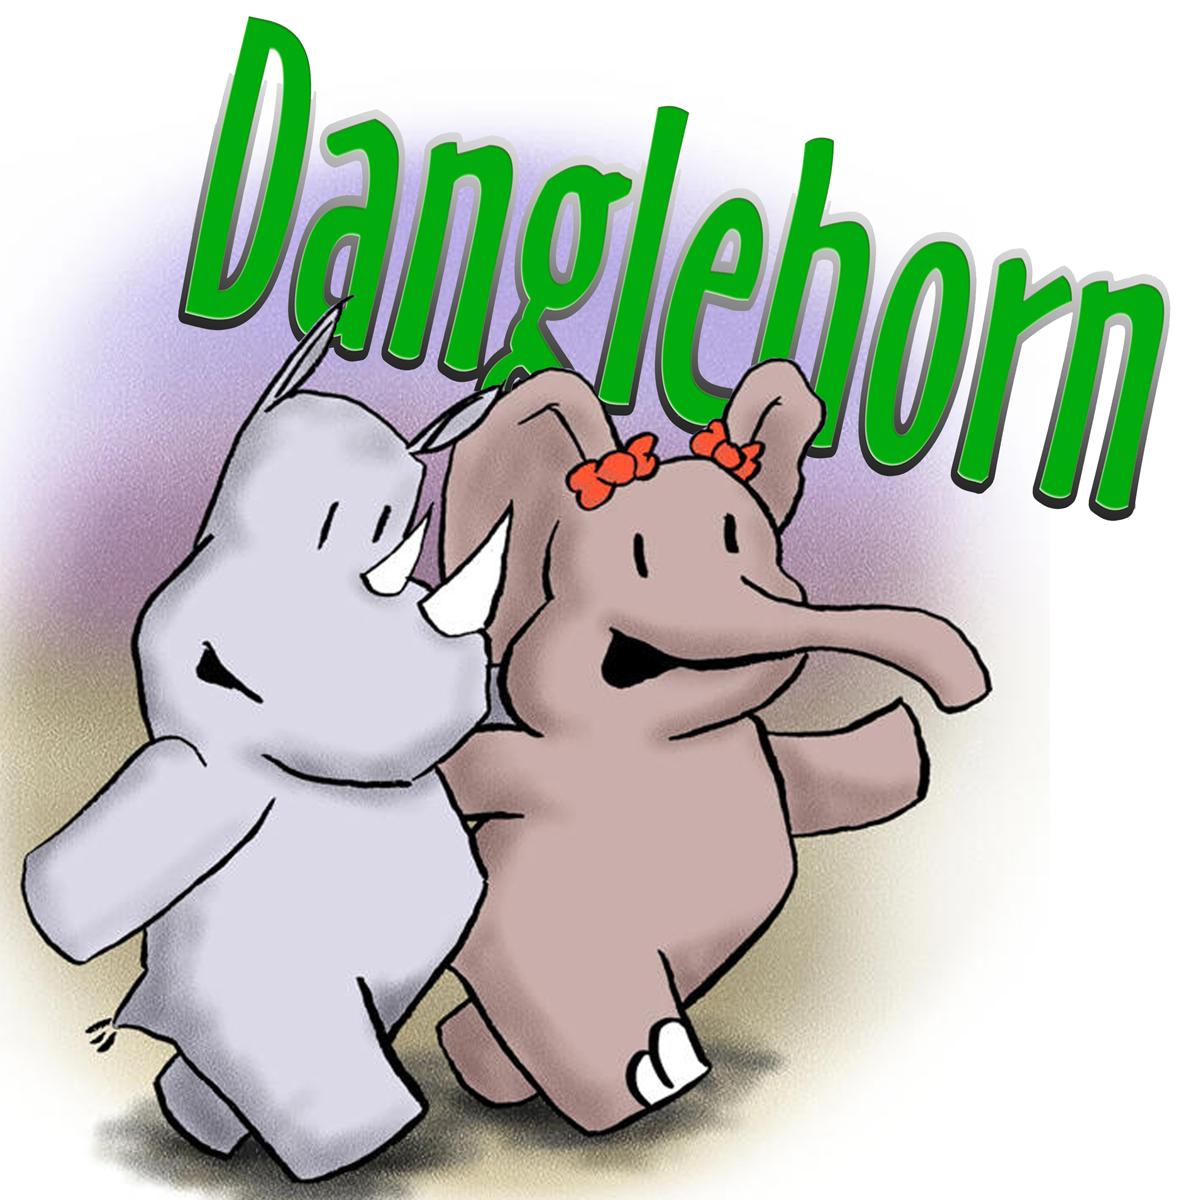 Danglehorn